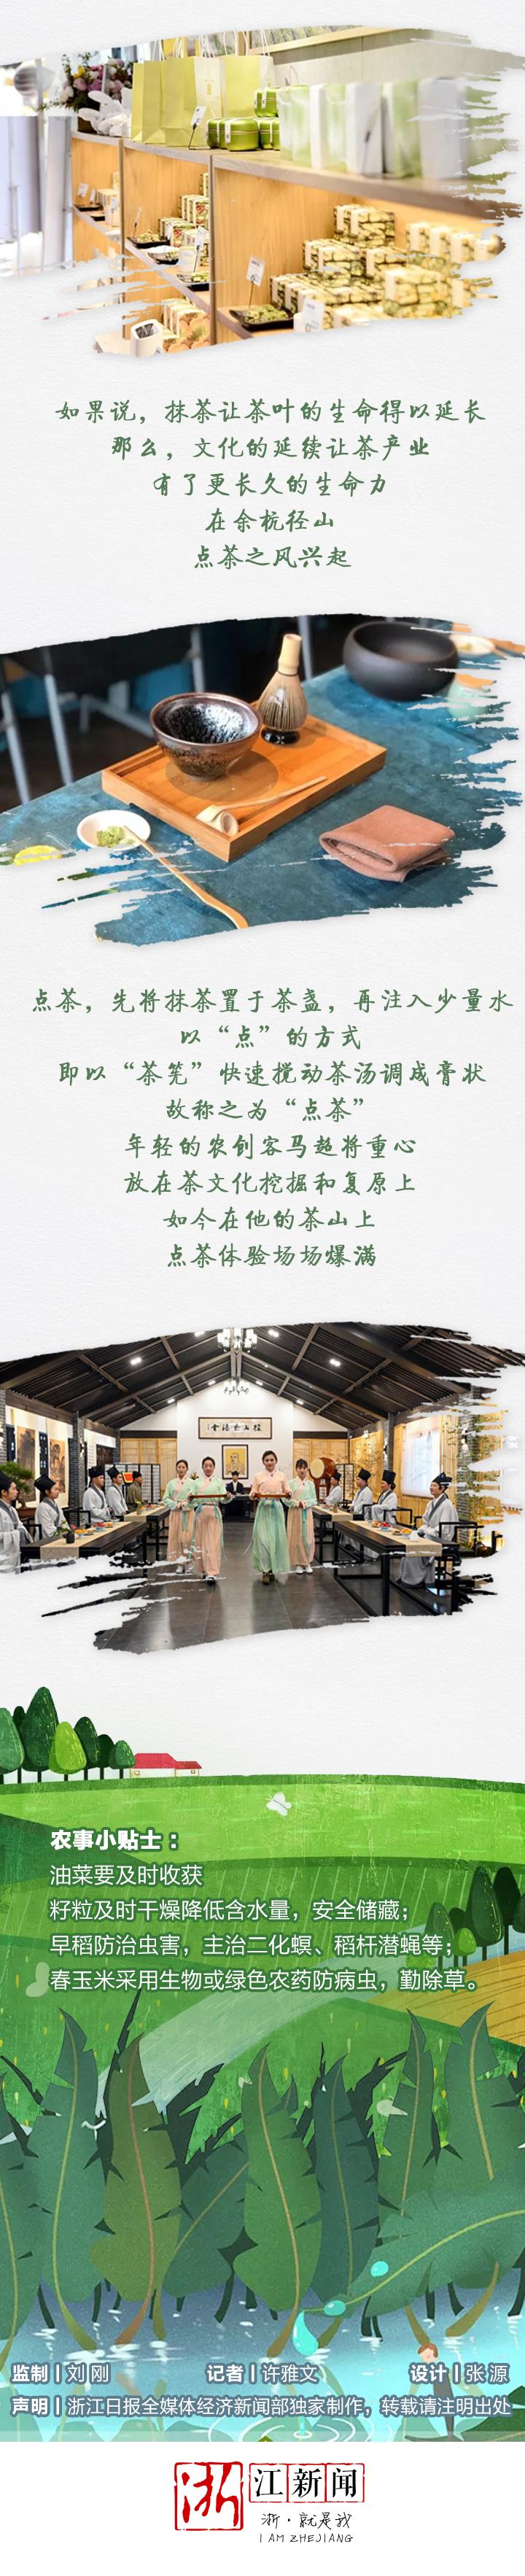 立夏节气农事图_03.png